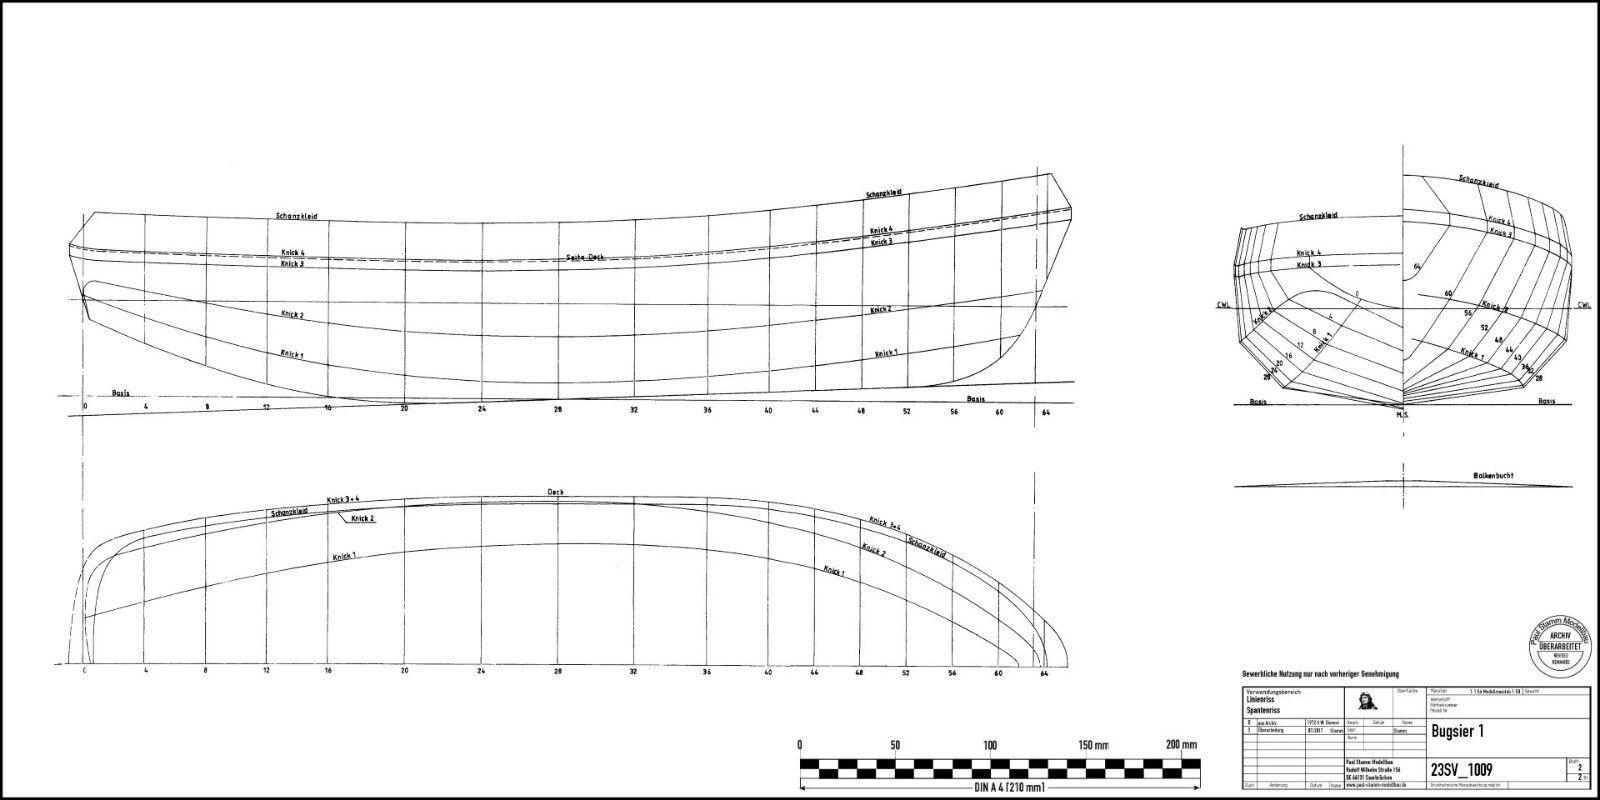 Schottelschlepper, BUGSIER 14 Bauplan M 1:25 1980